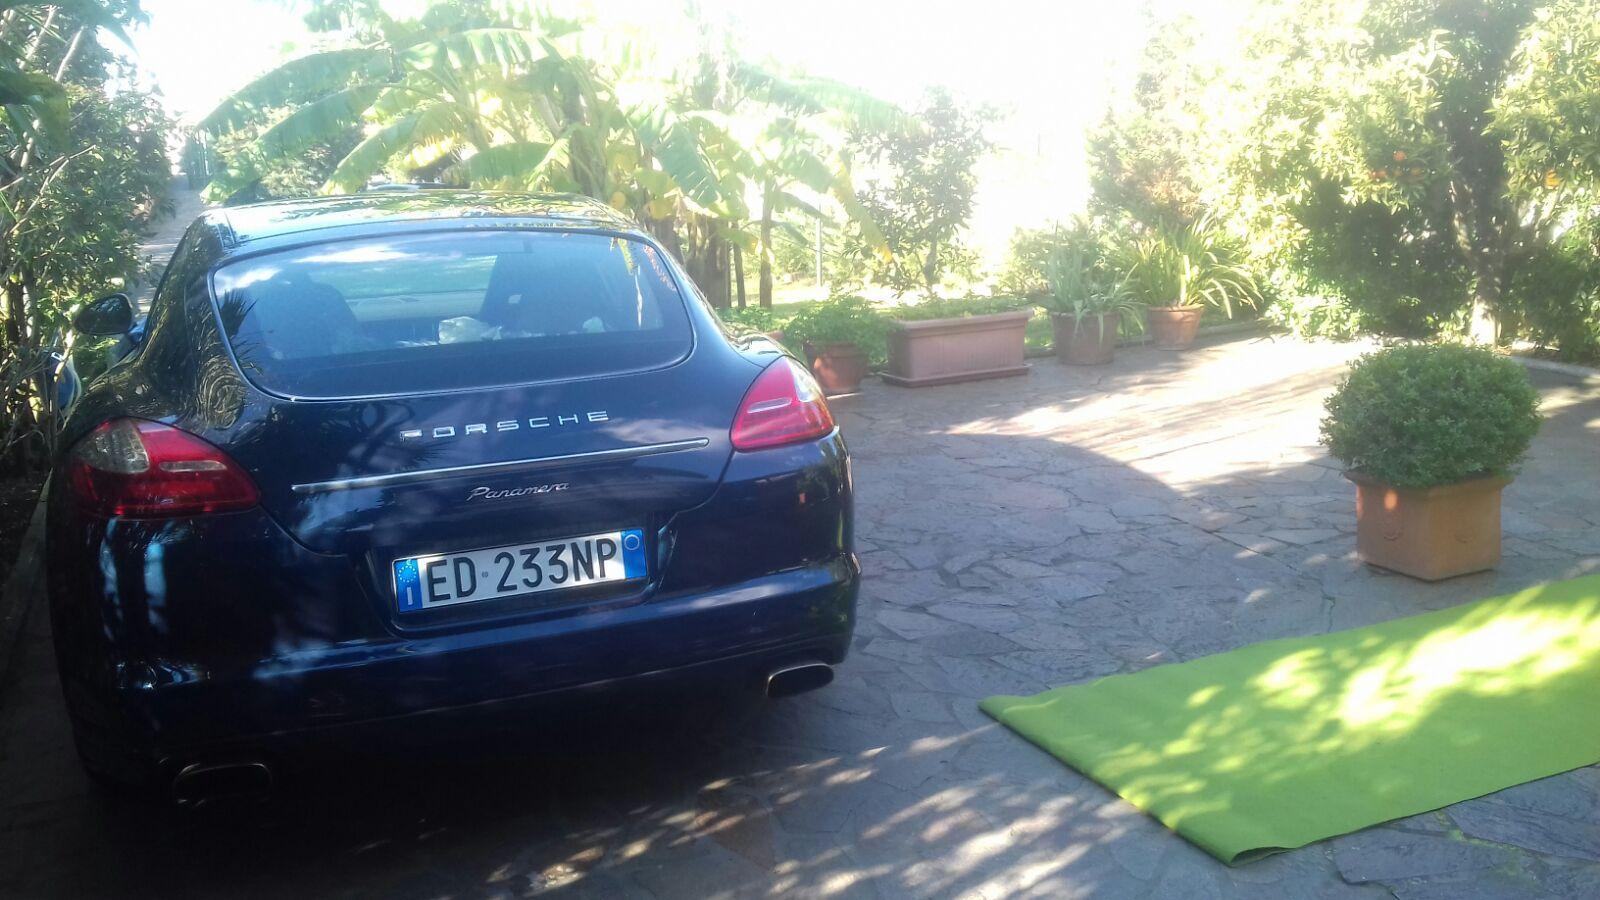 La Nostra Spettacolare Porsche Panamera!!! CHI SOGNA AD OCCHI APERTI SA PIU' DI CHI SOGNA DORMENDO